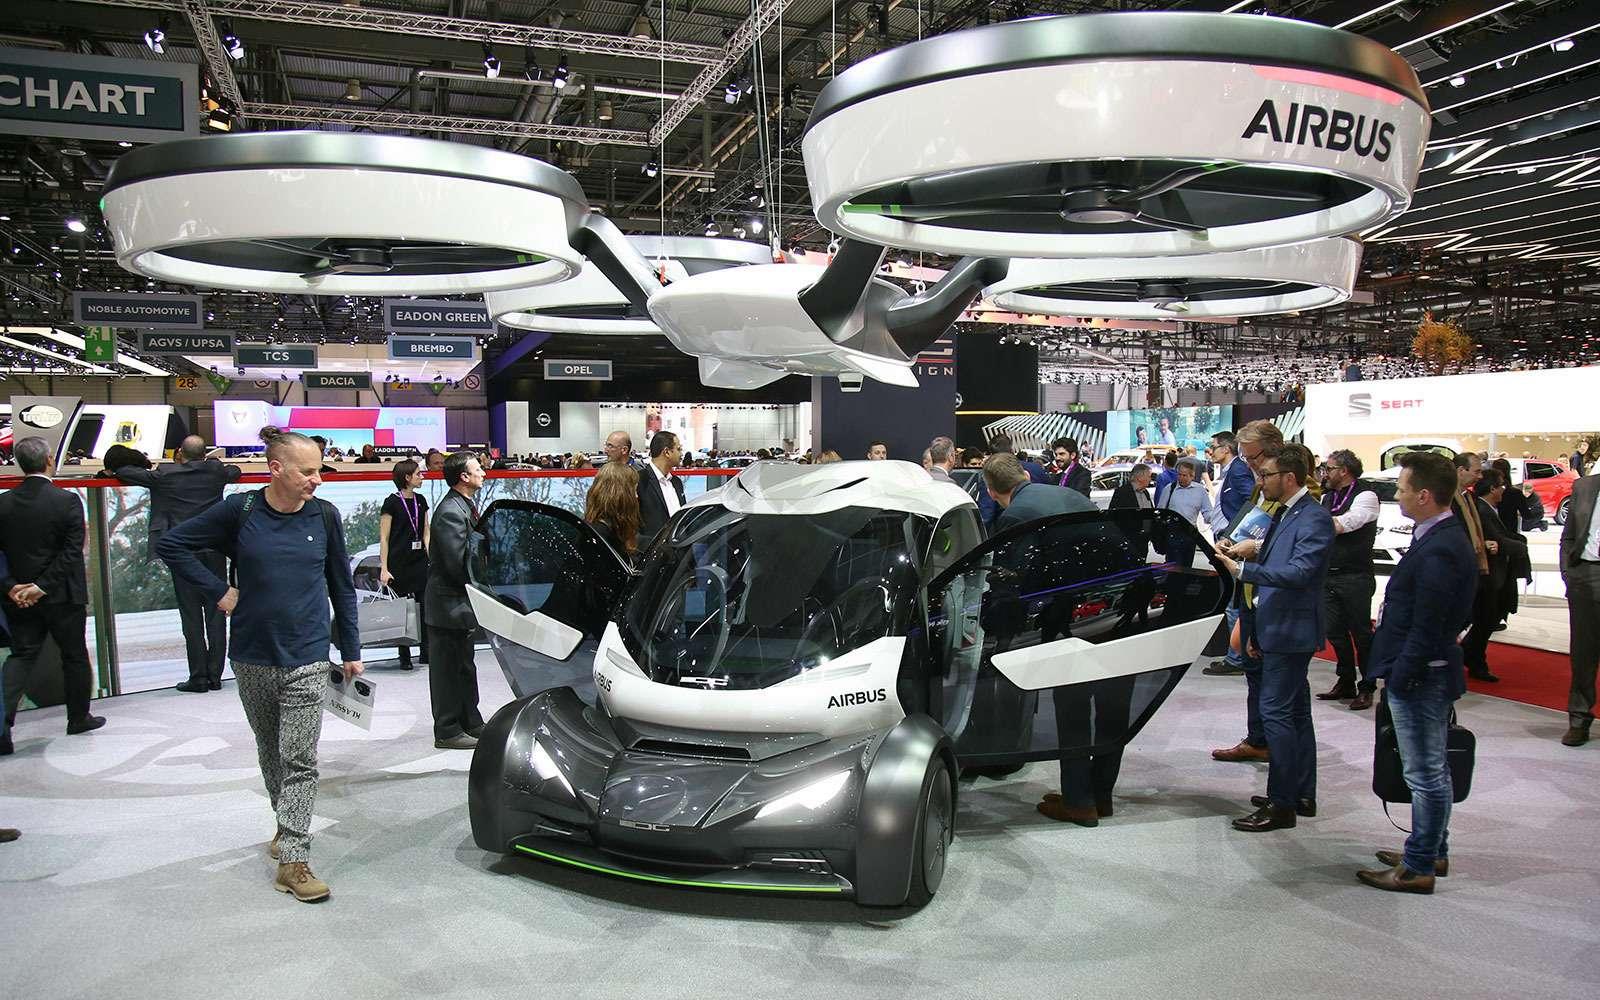 Italdesign Airbus